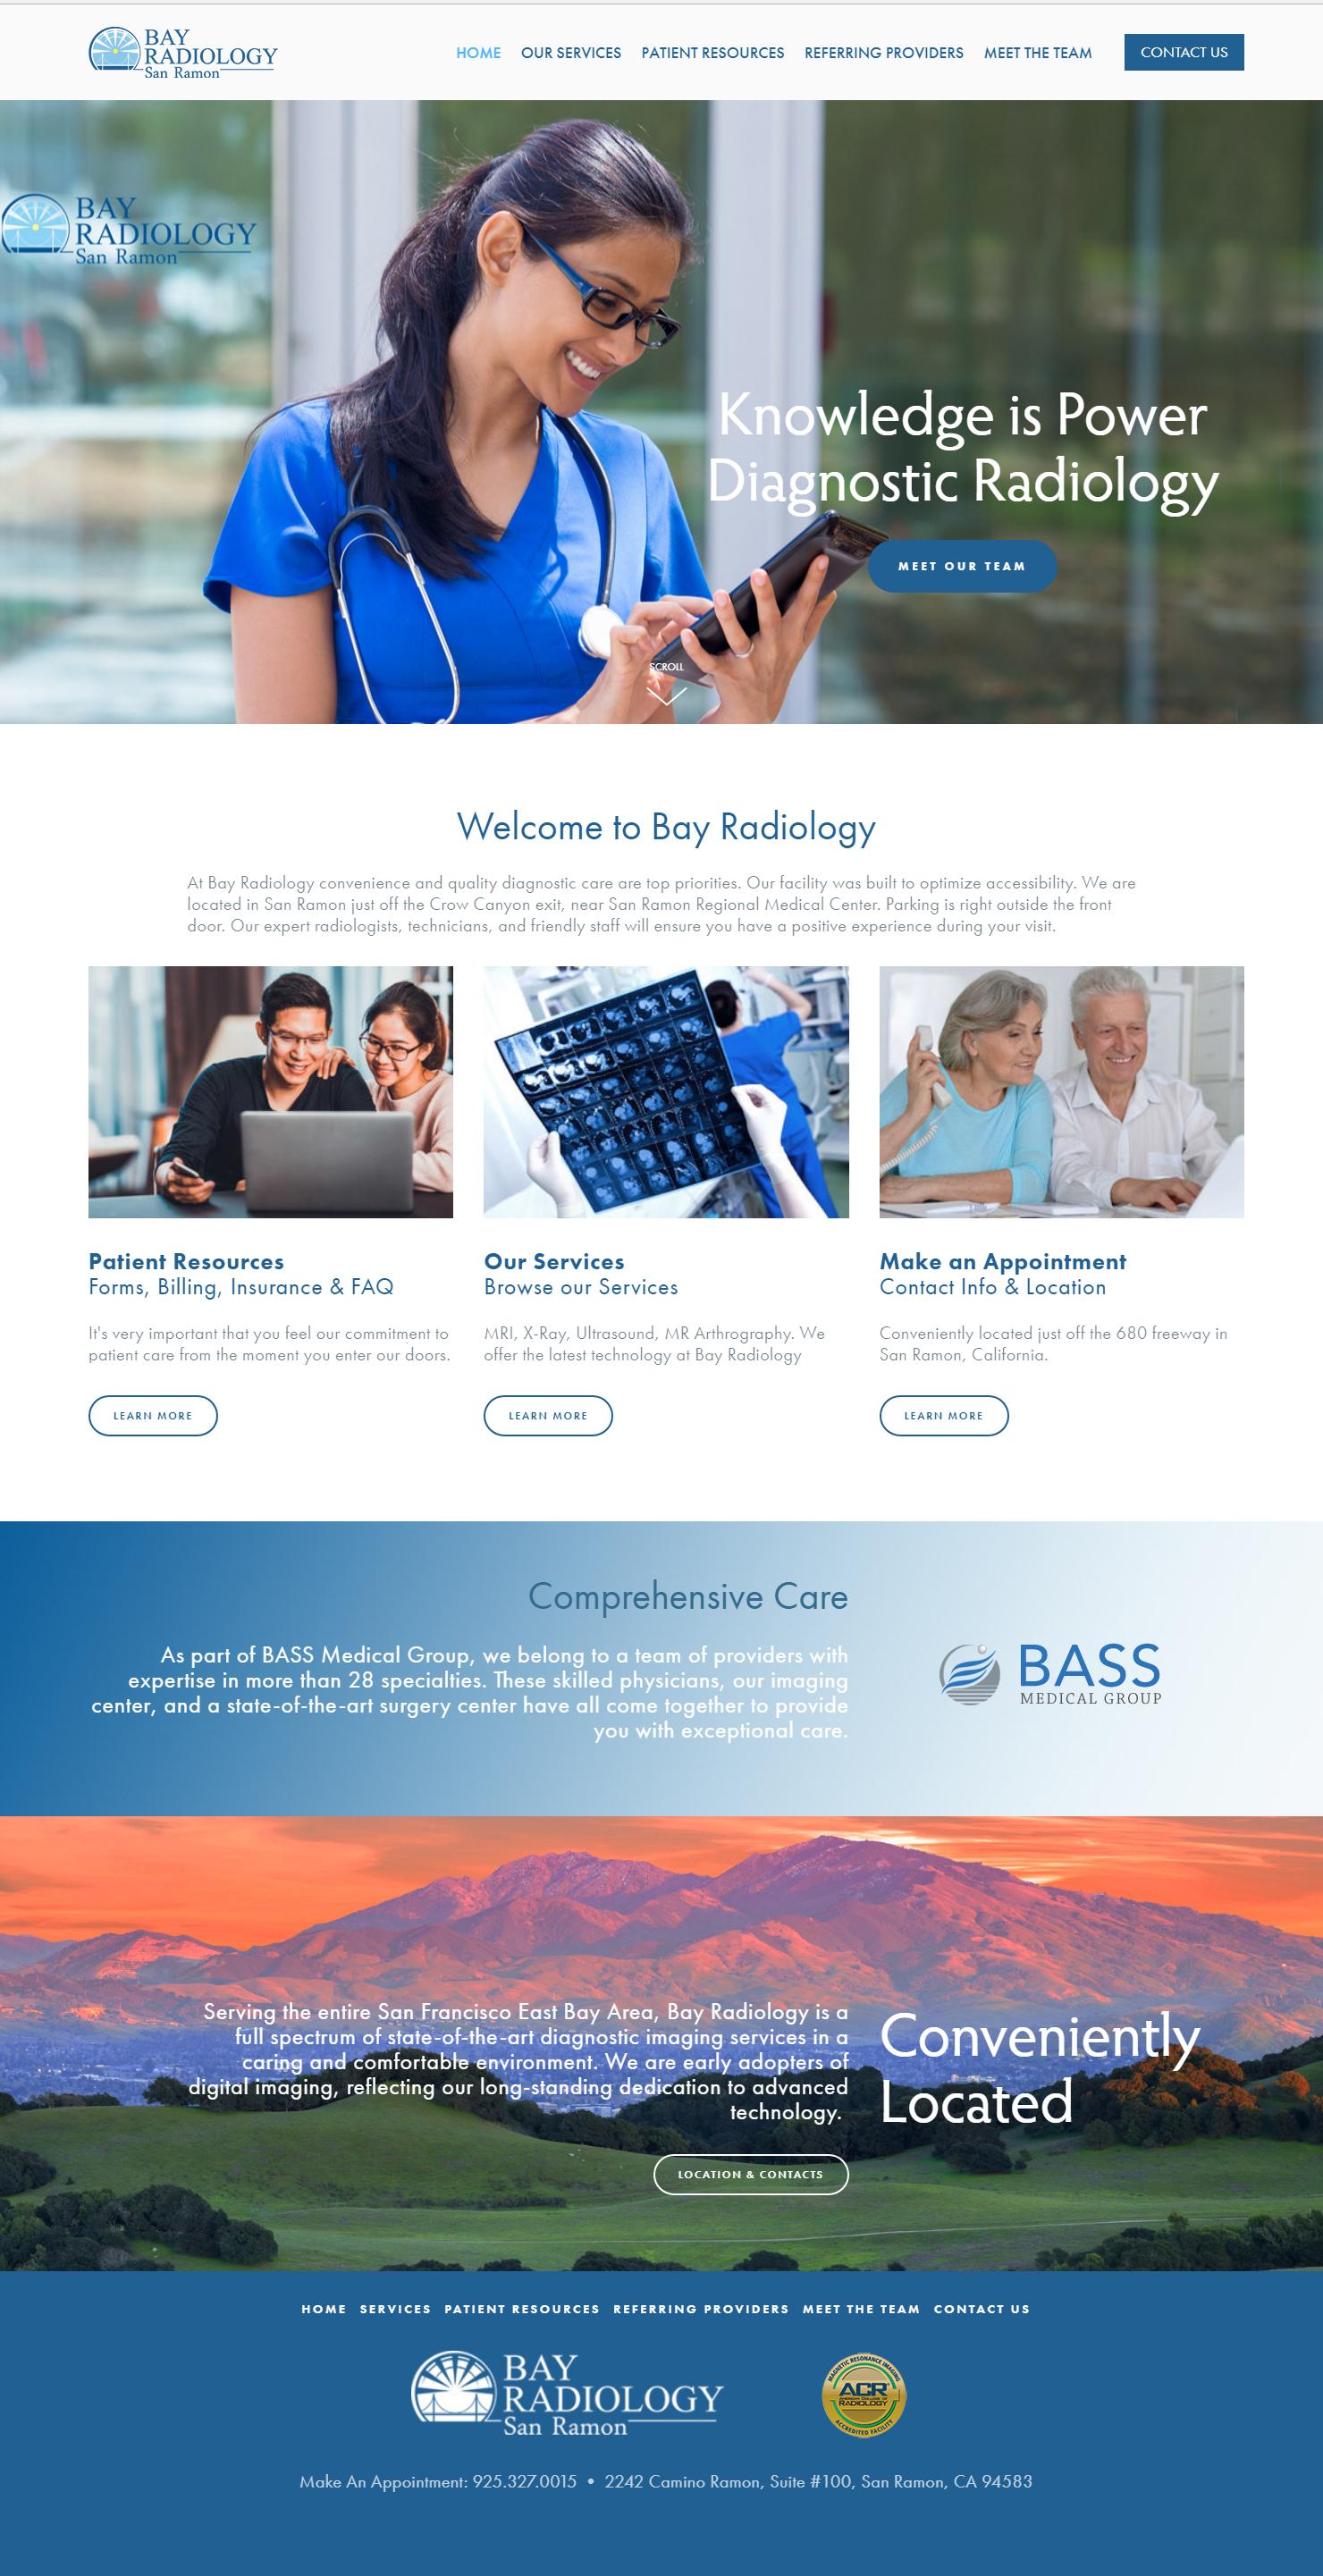 bay-radiology-website.jpg